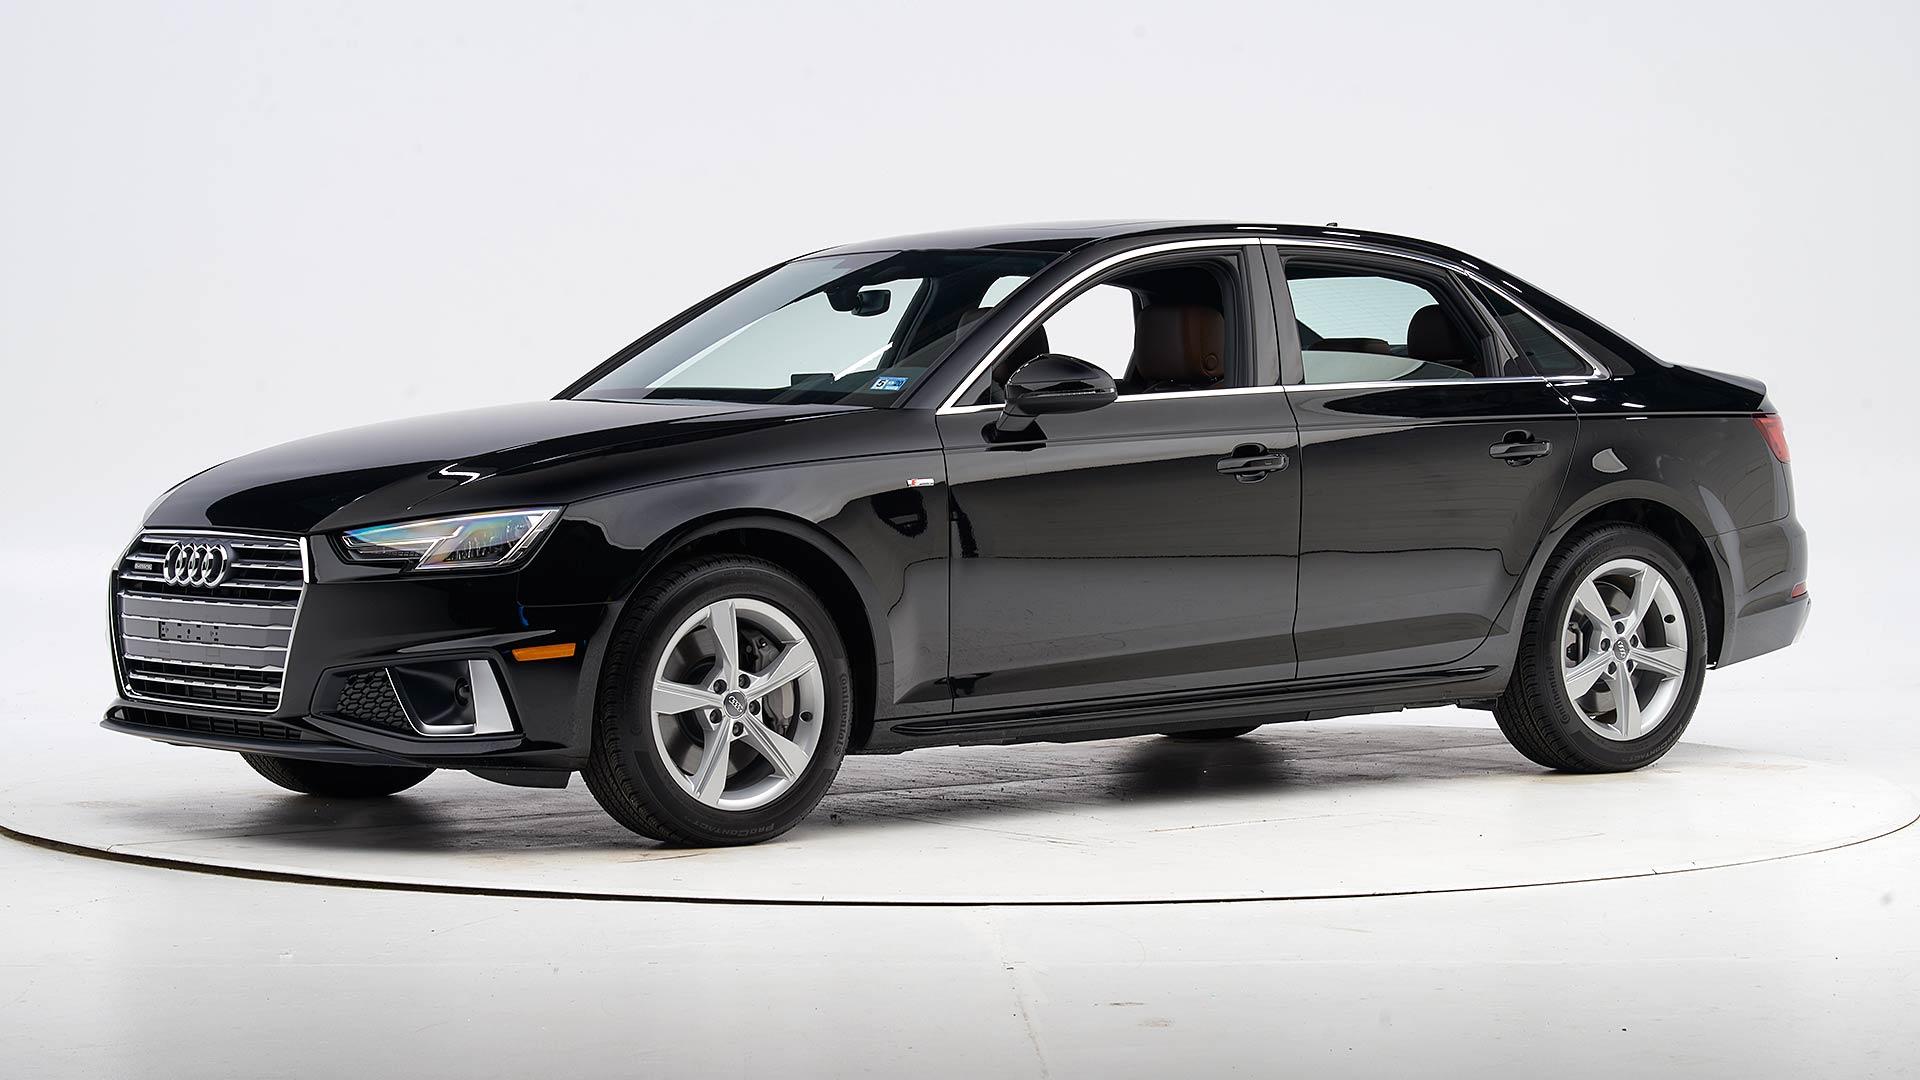 Kelebihan Kekurangan Audi 4 Tangguh